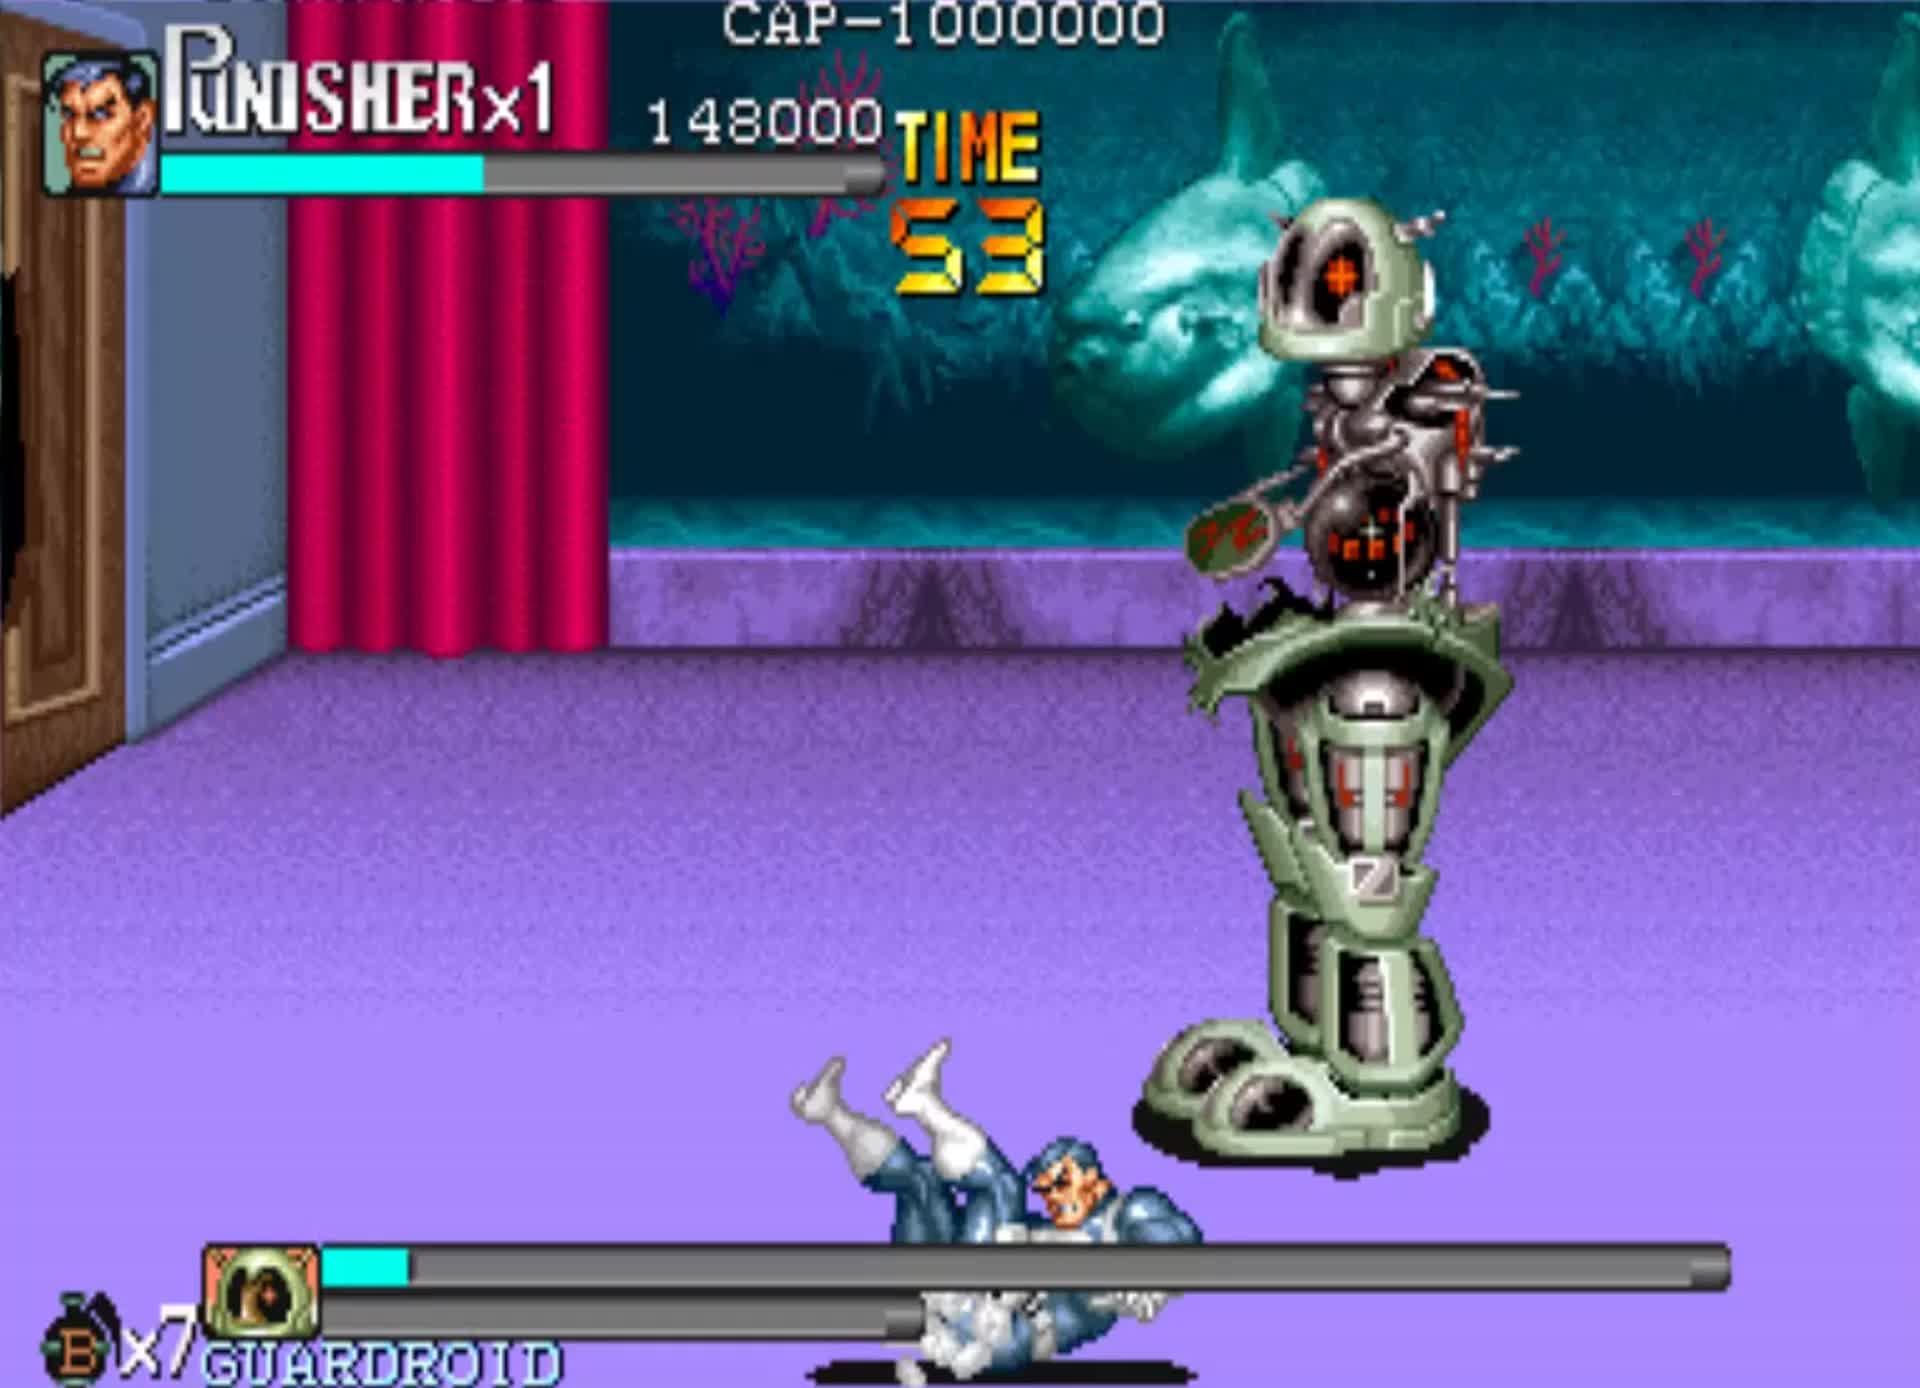 街机游戏《惩罚者》罕见的摇女忍者, 一样可以出无敌效果